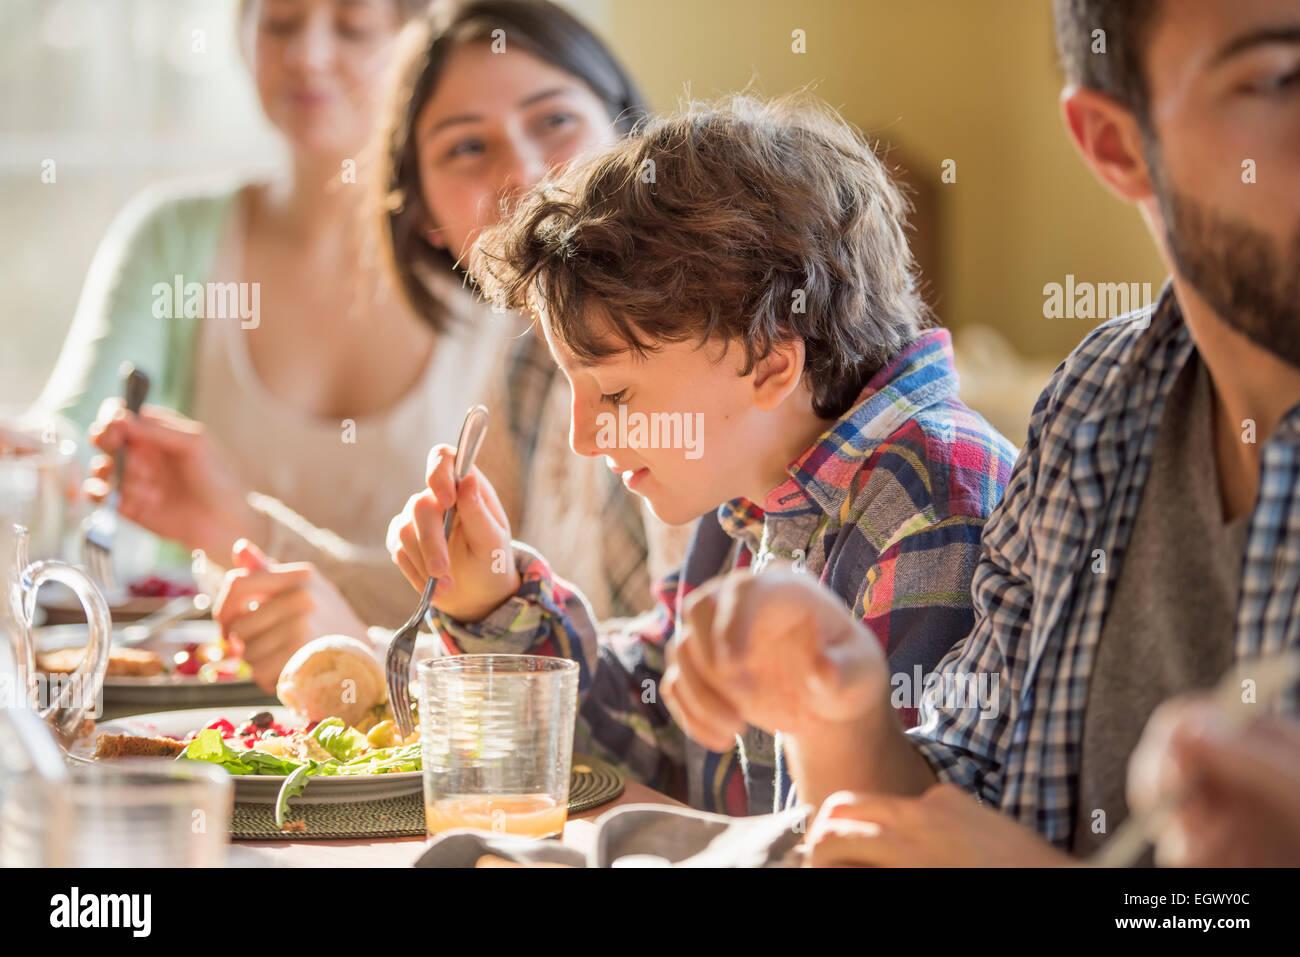 Un groupe de personnes, adultes et enfants, assis autour d'une table pour un repas. Photo Stock